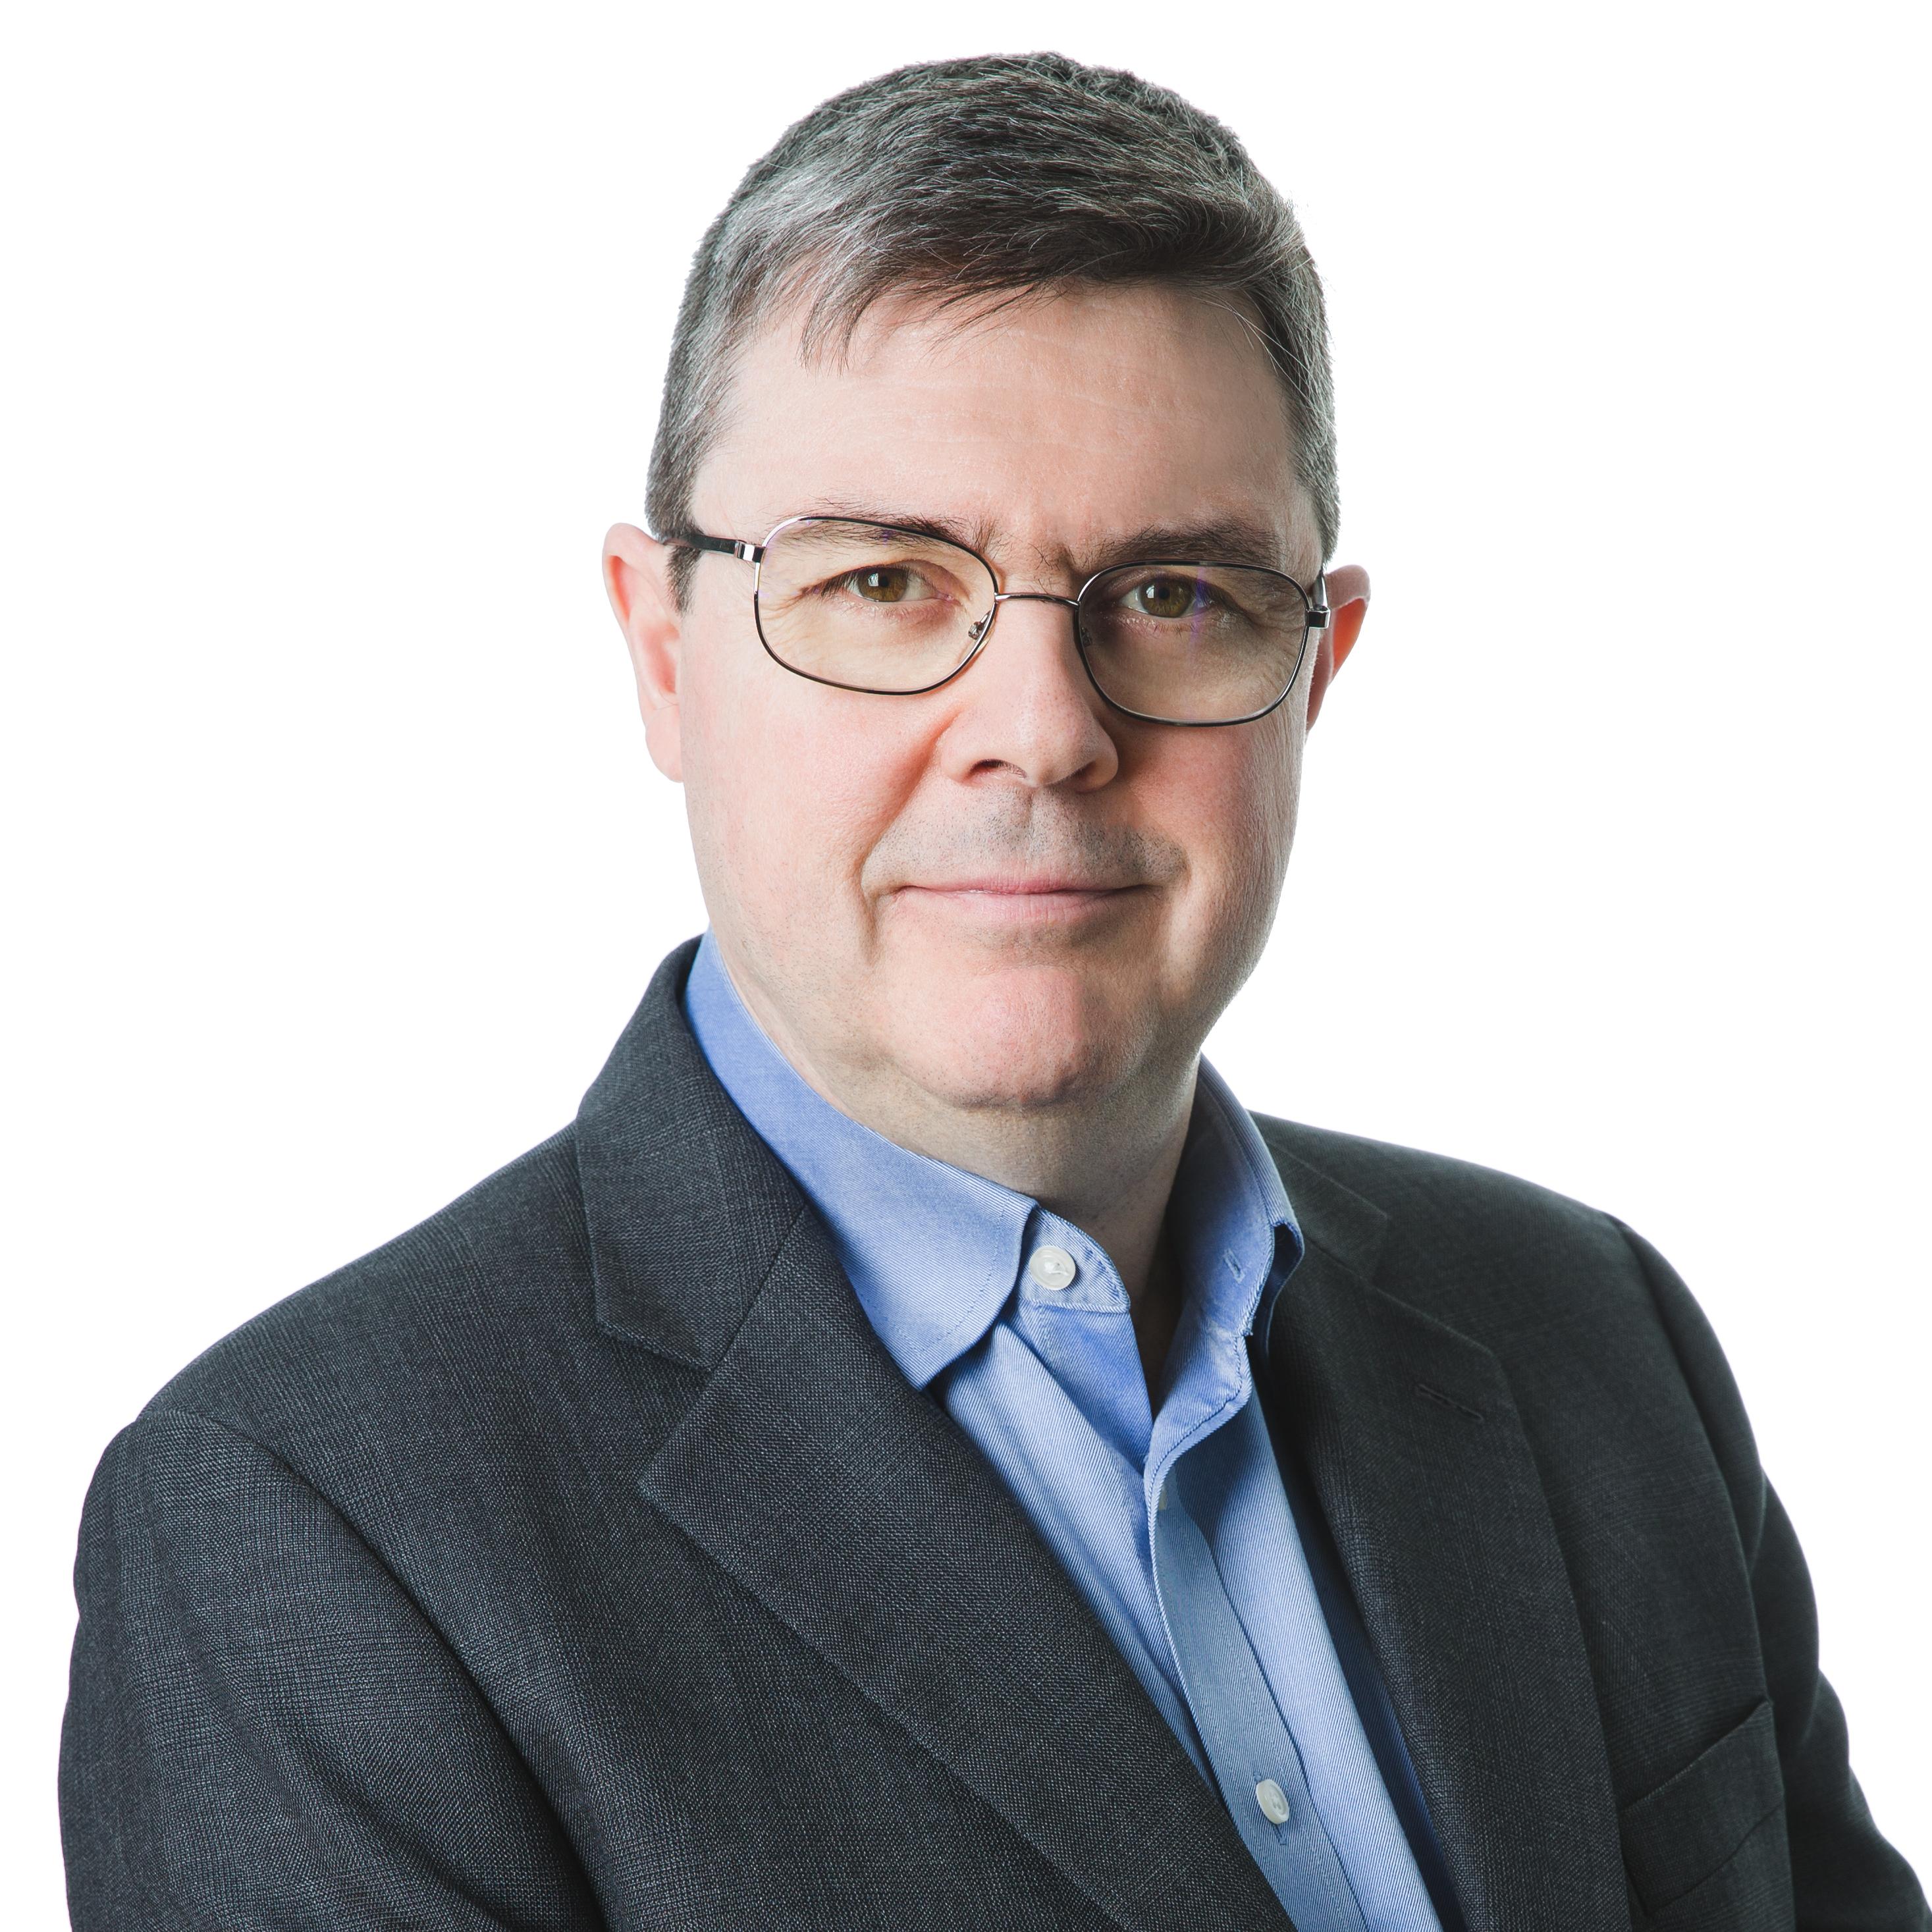 Chris Verdin